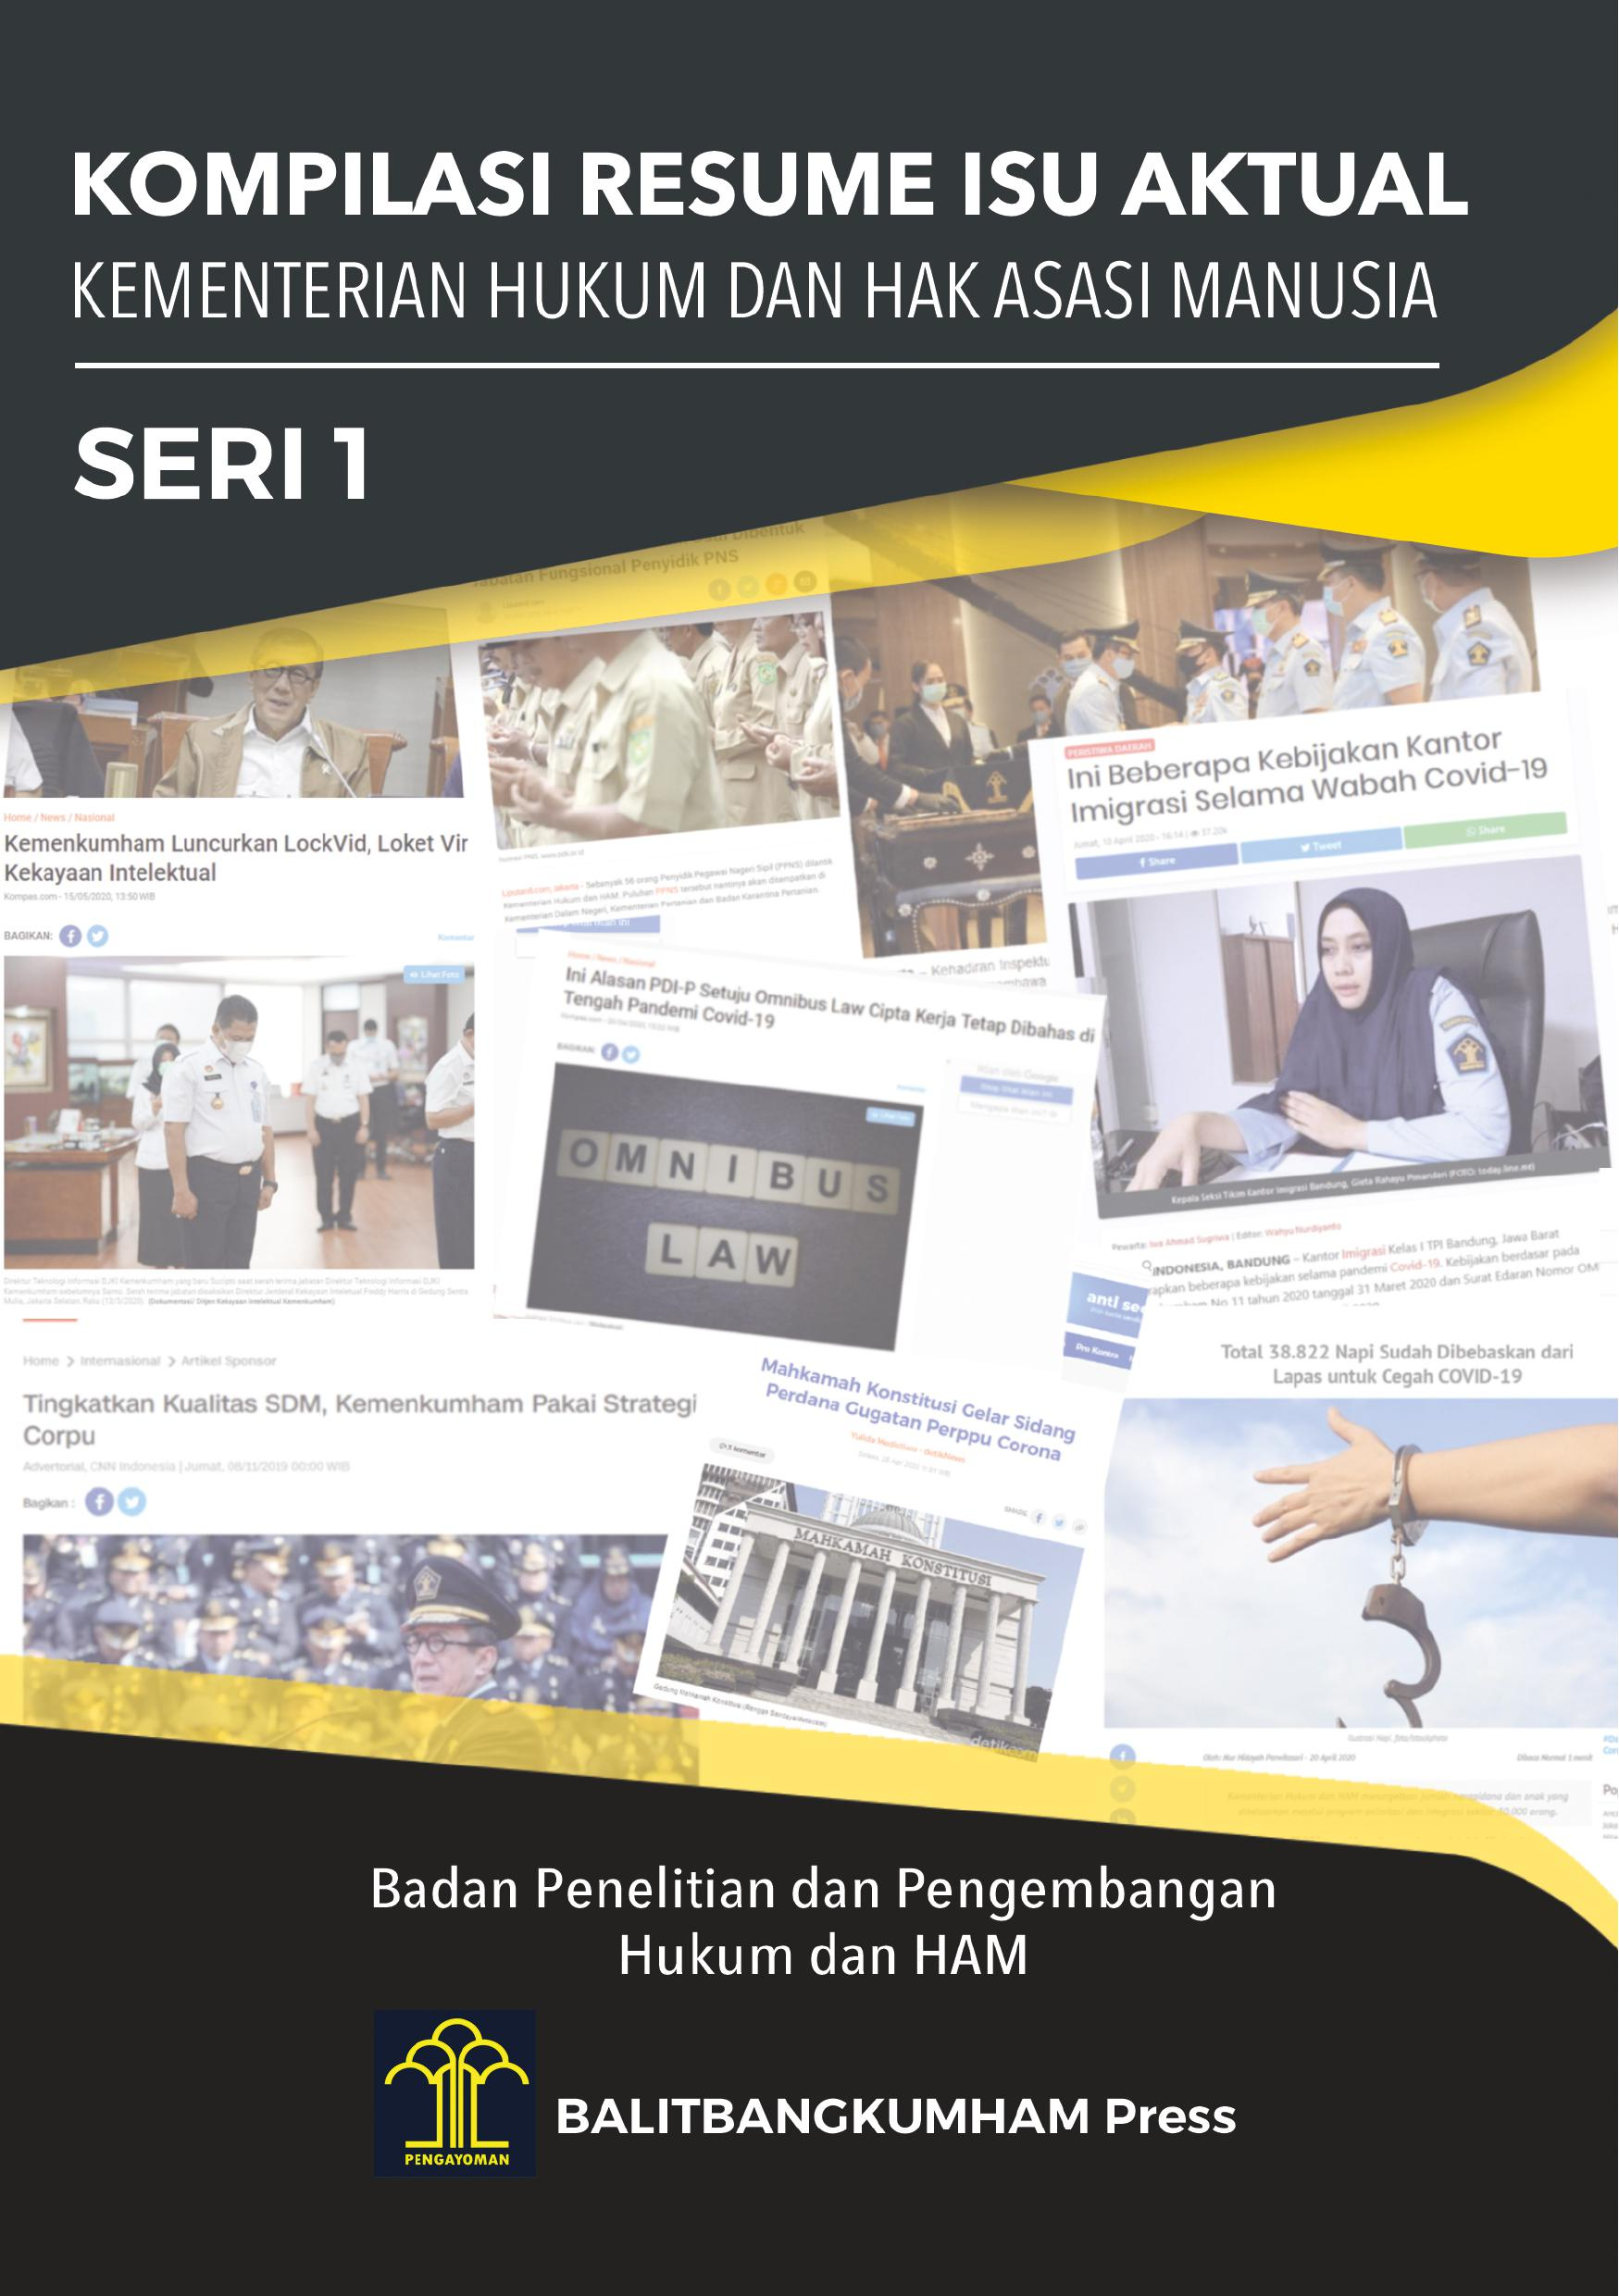 Kompilasi Resume Isu Aktual Kementerian Hukum dan HAM Seri 1